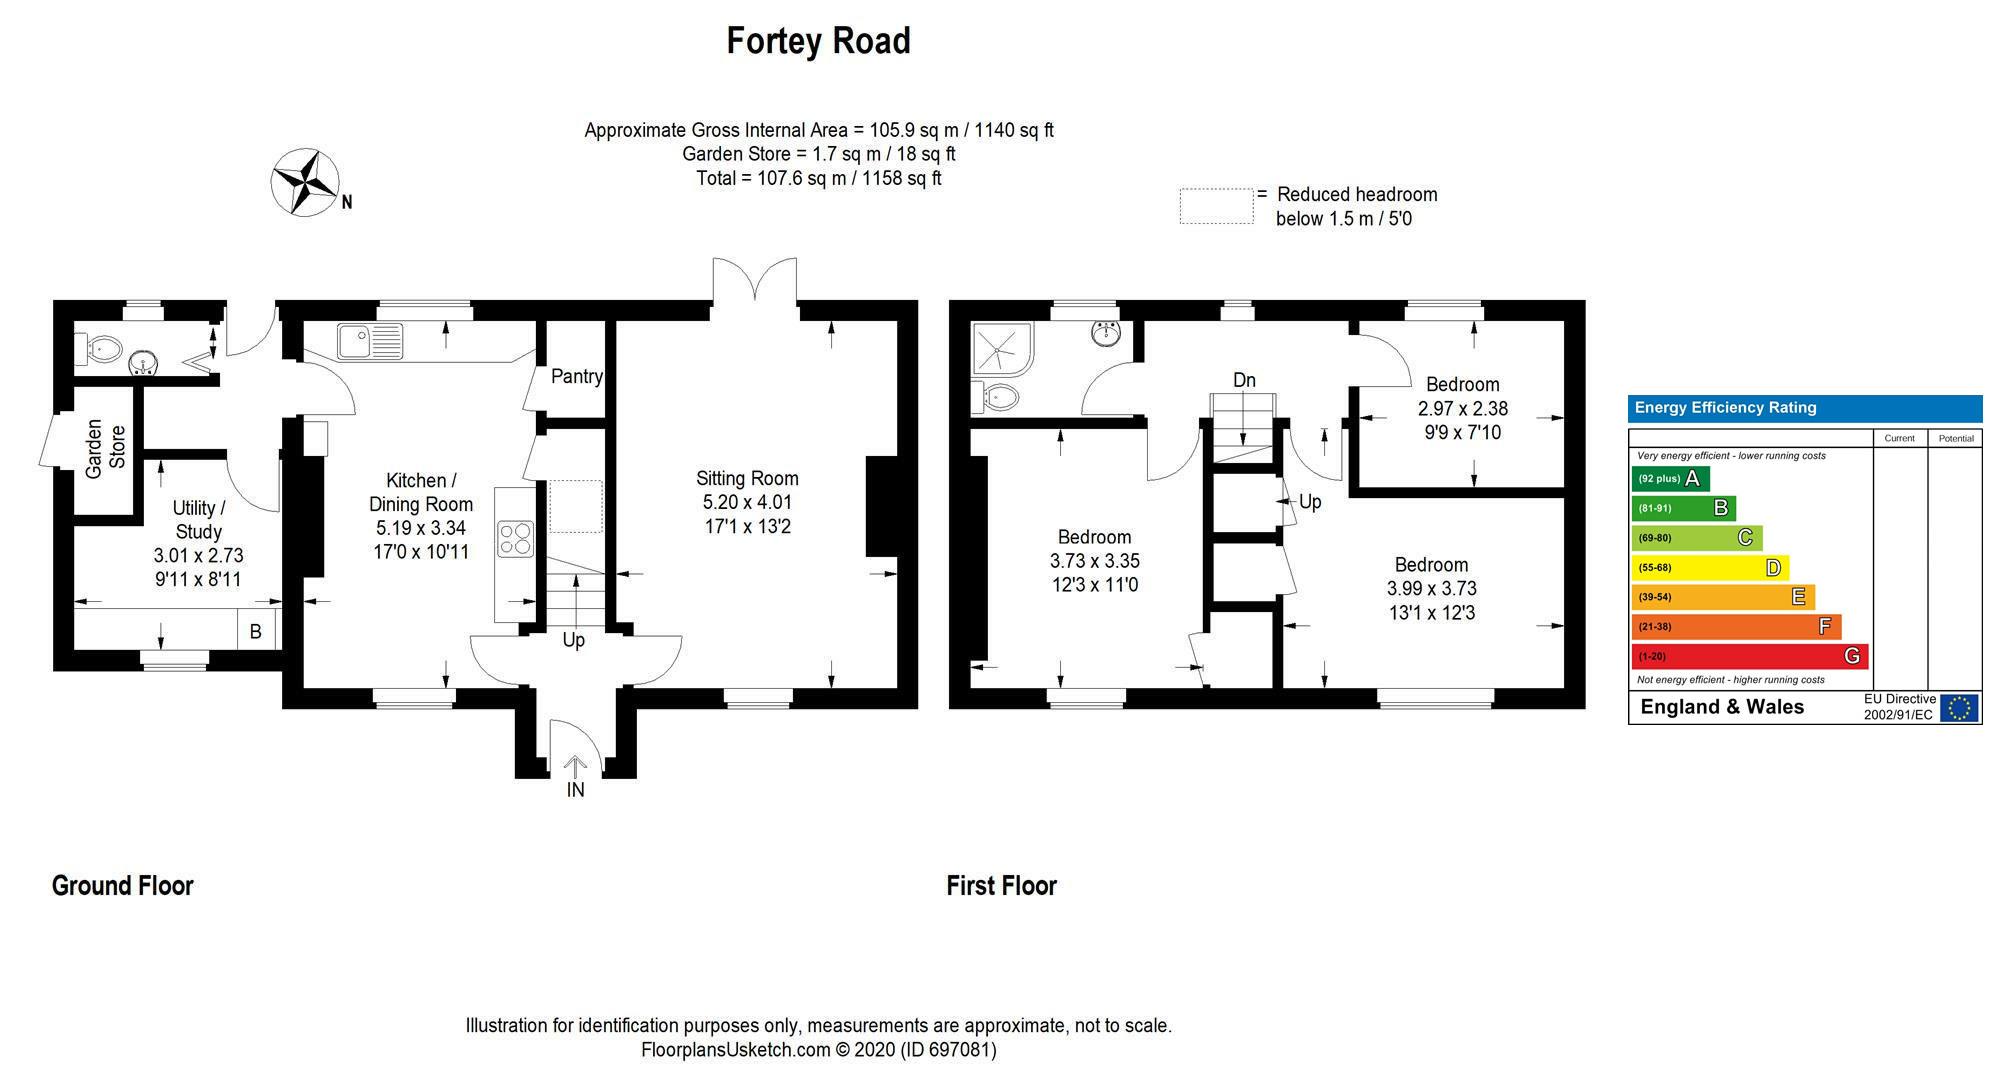 details of 5 fortey